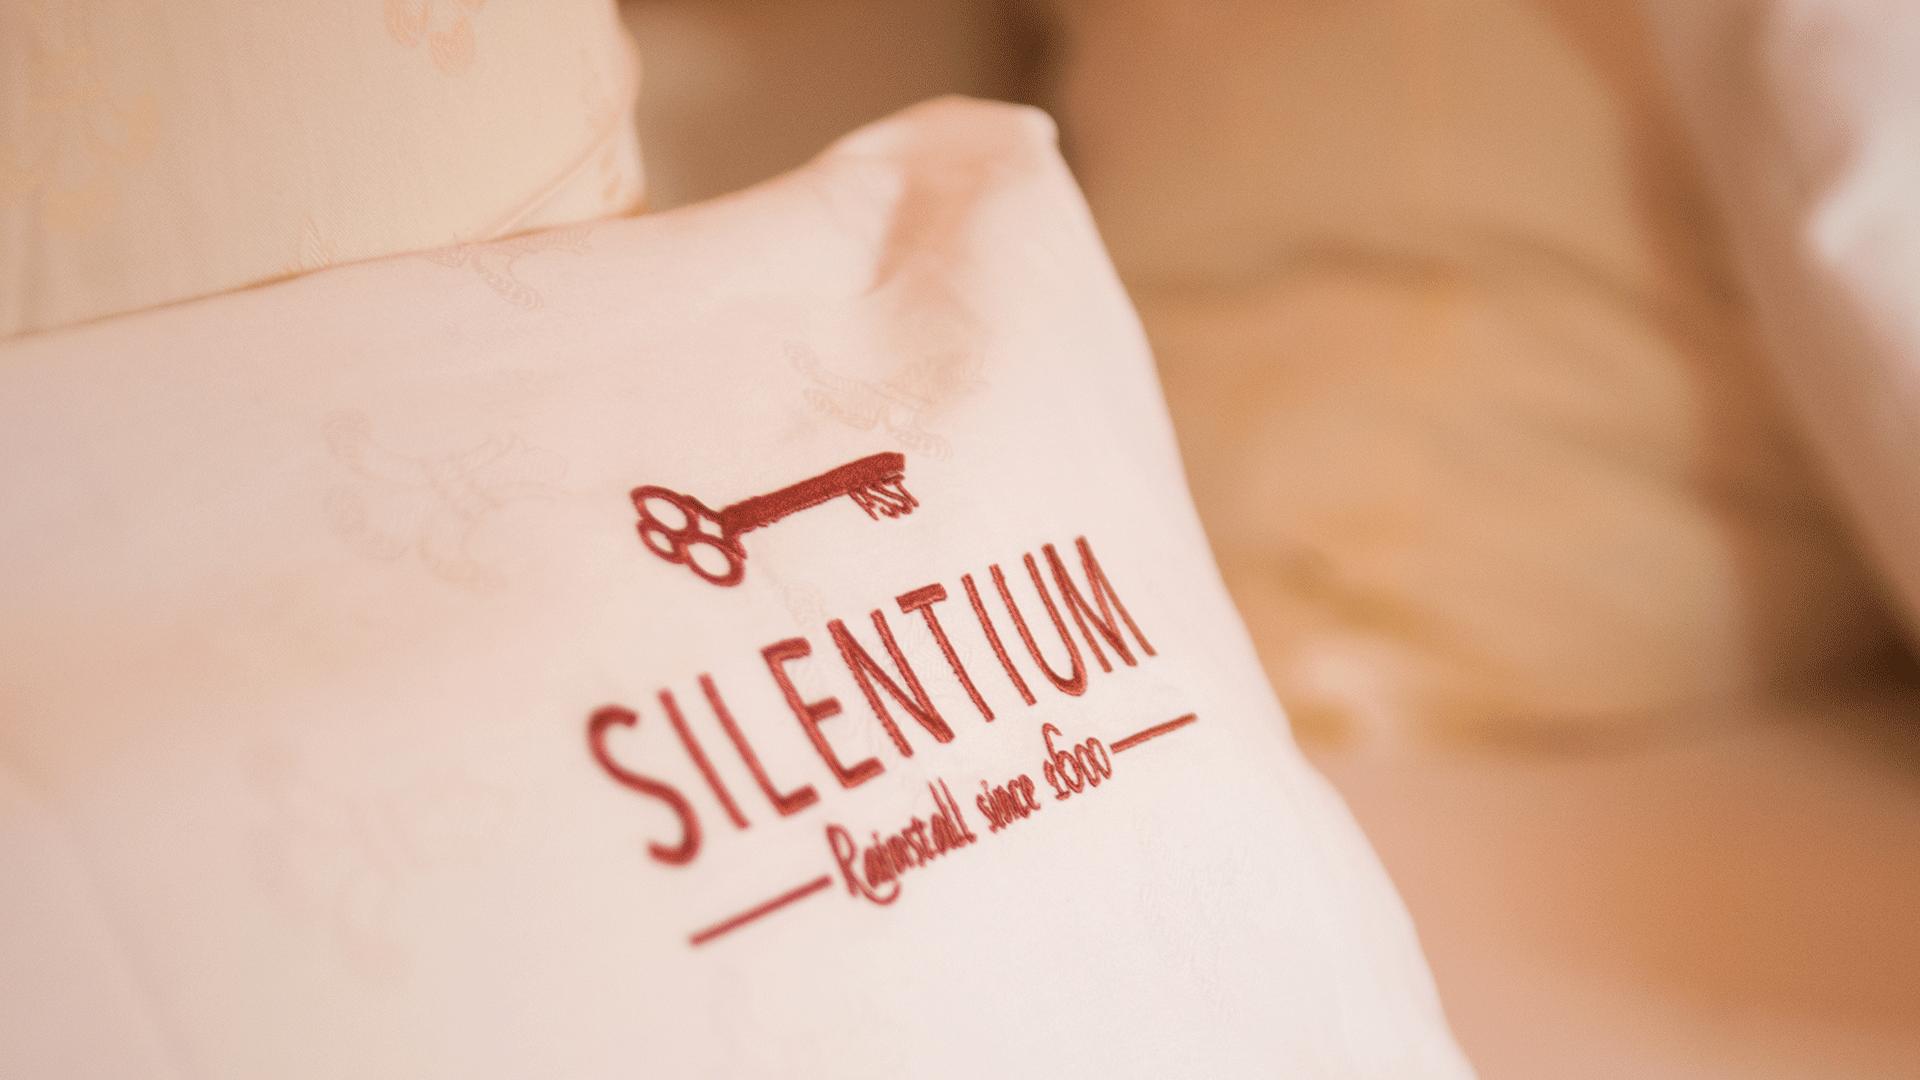 Silentium Rainstall